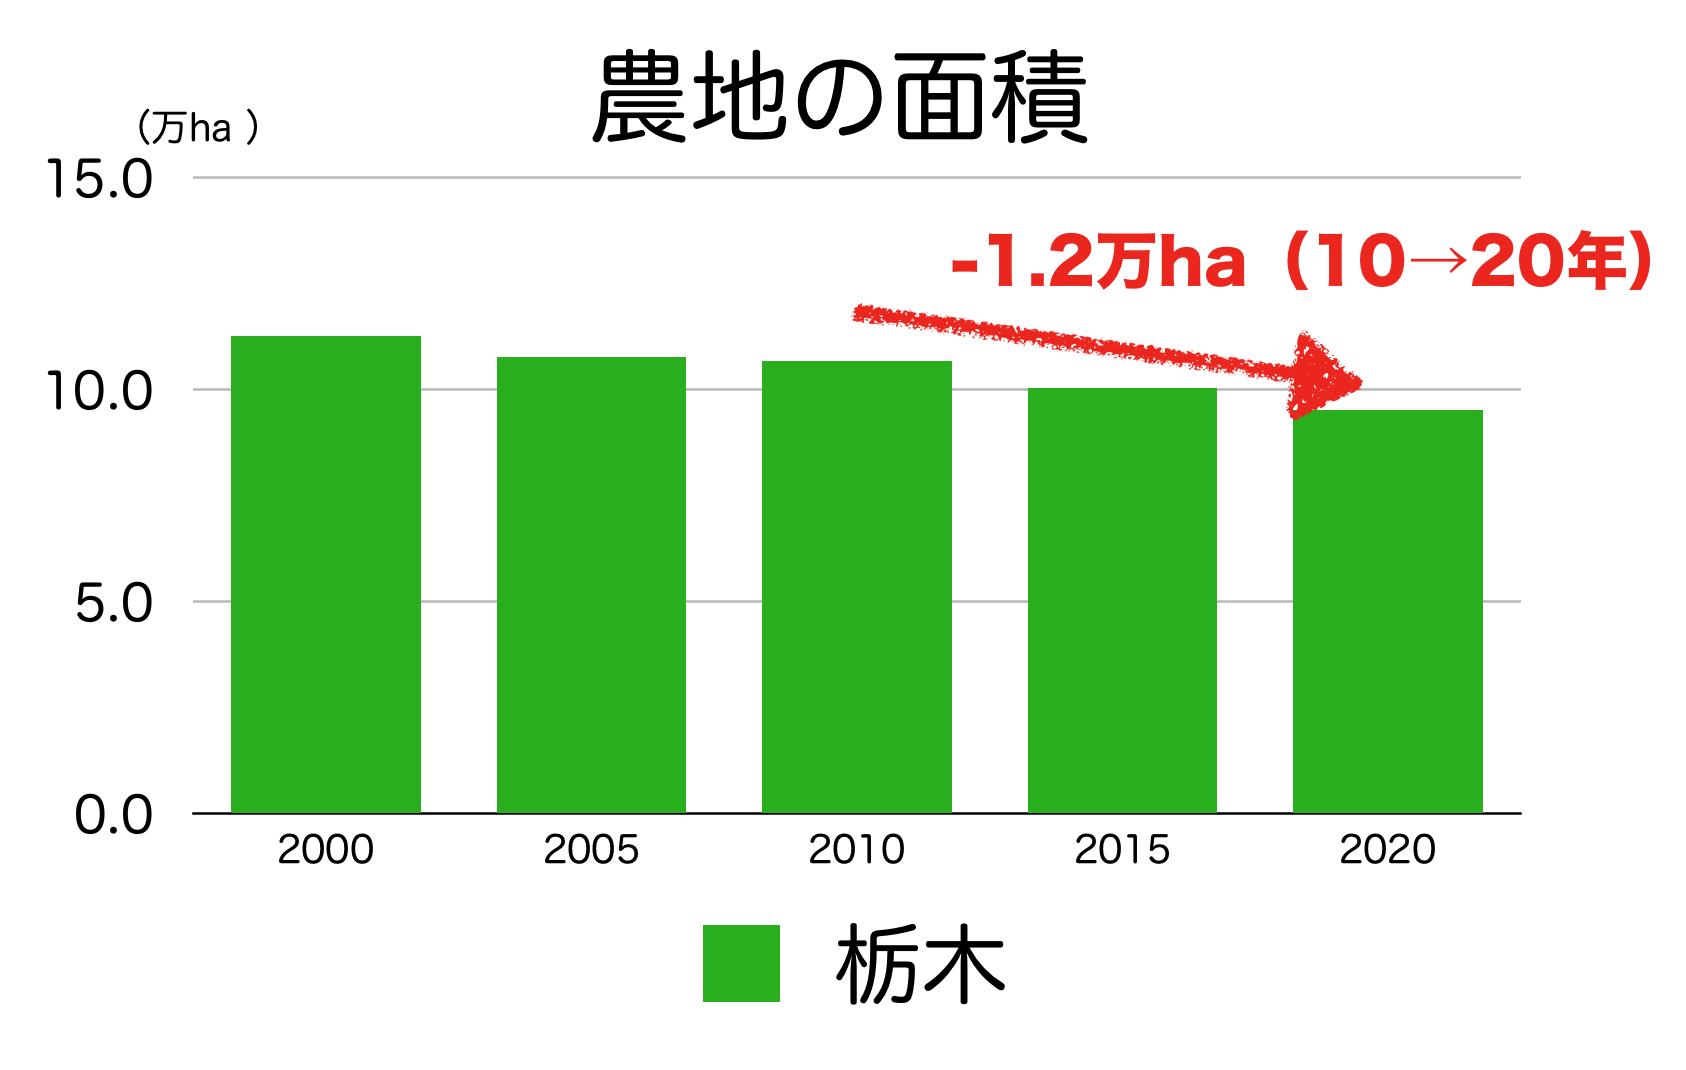 栃木県の農地の面積